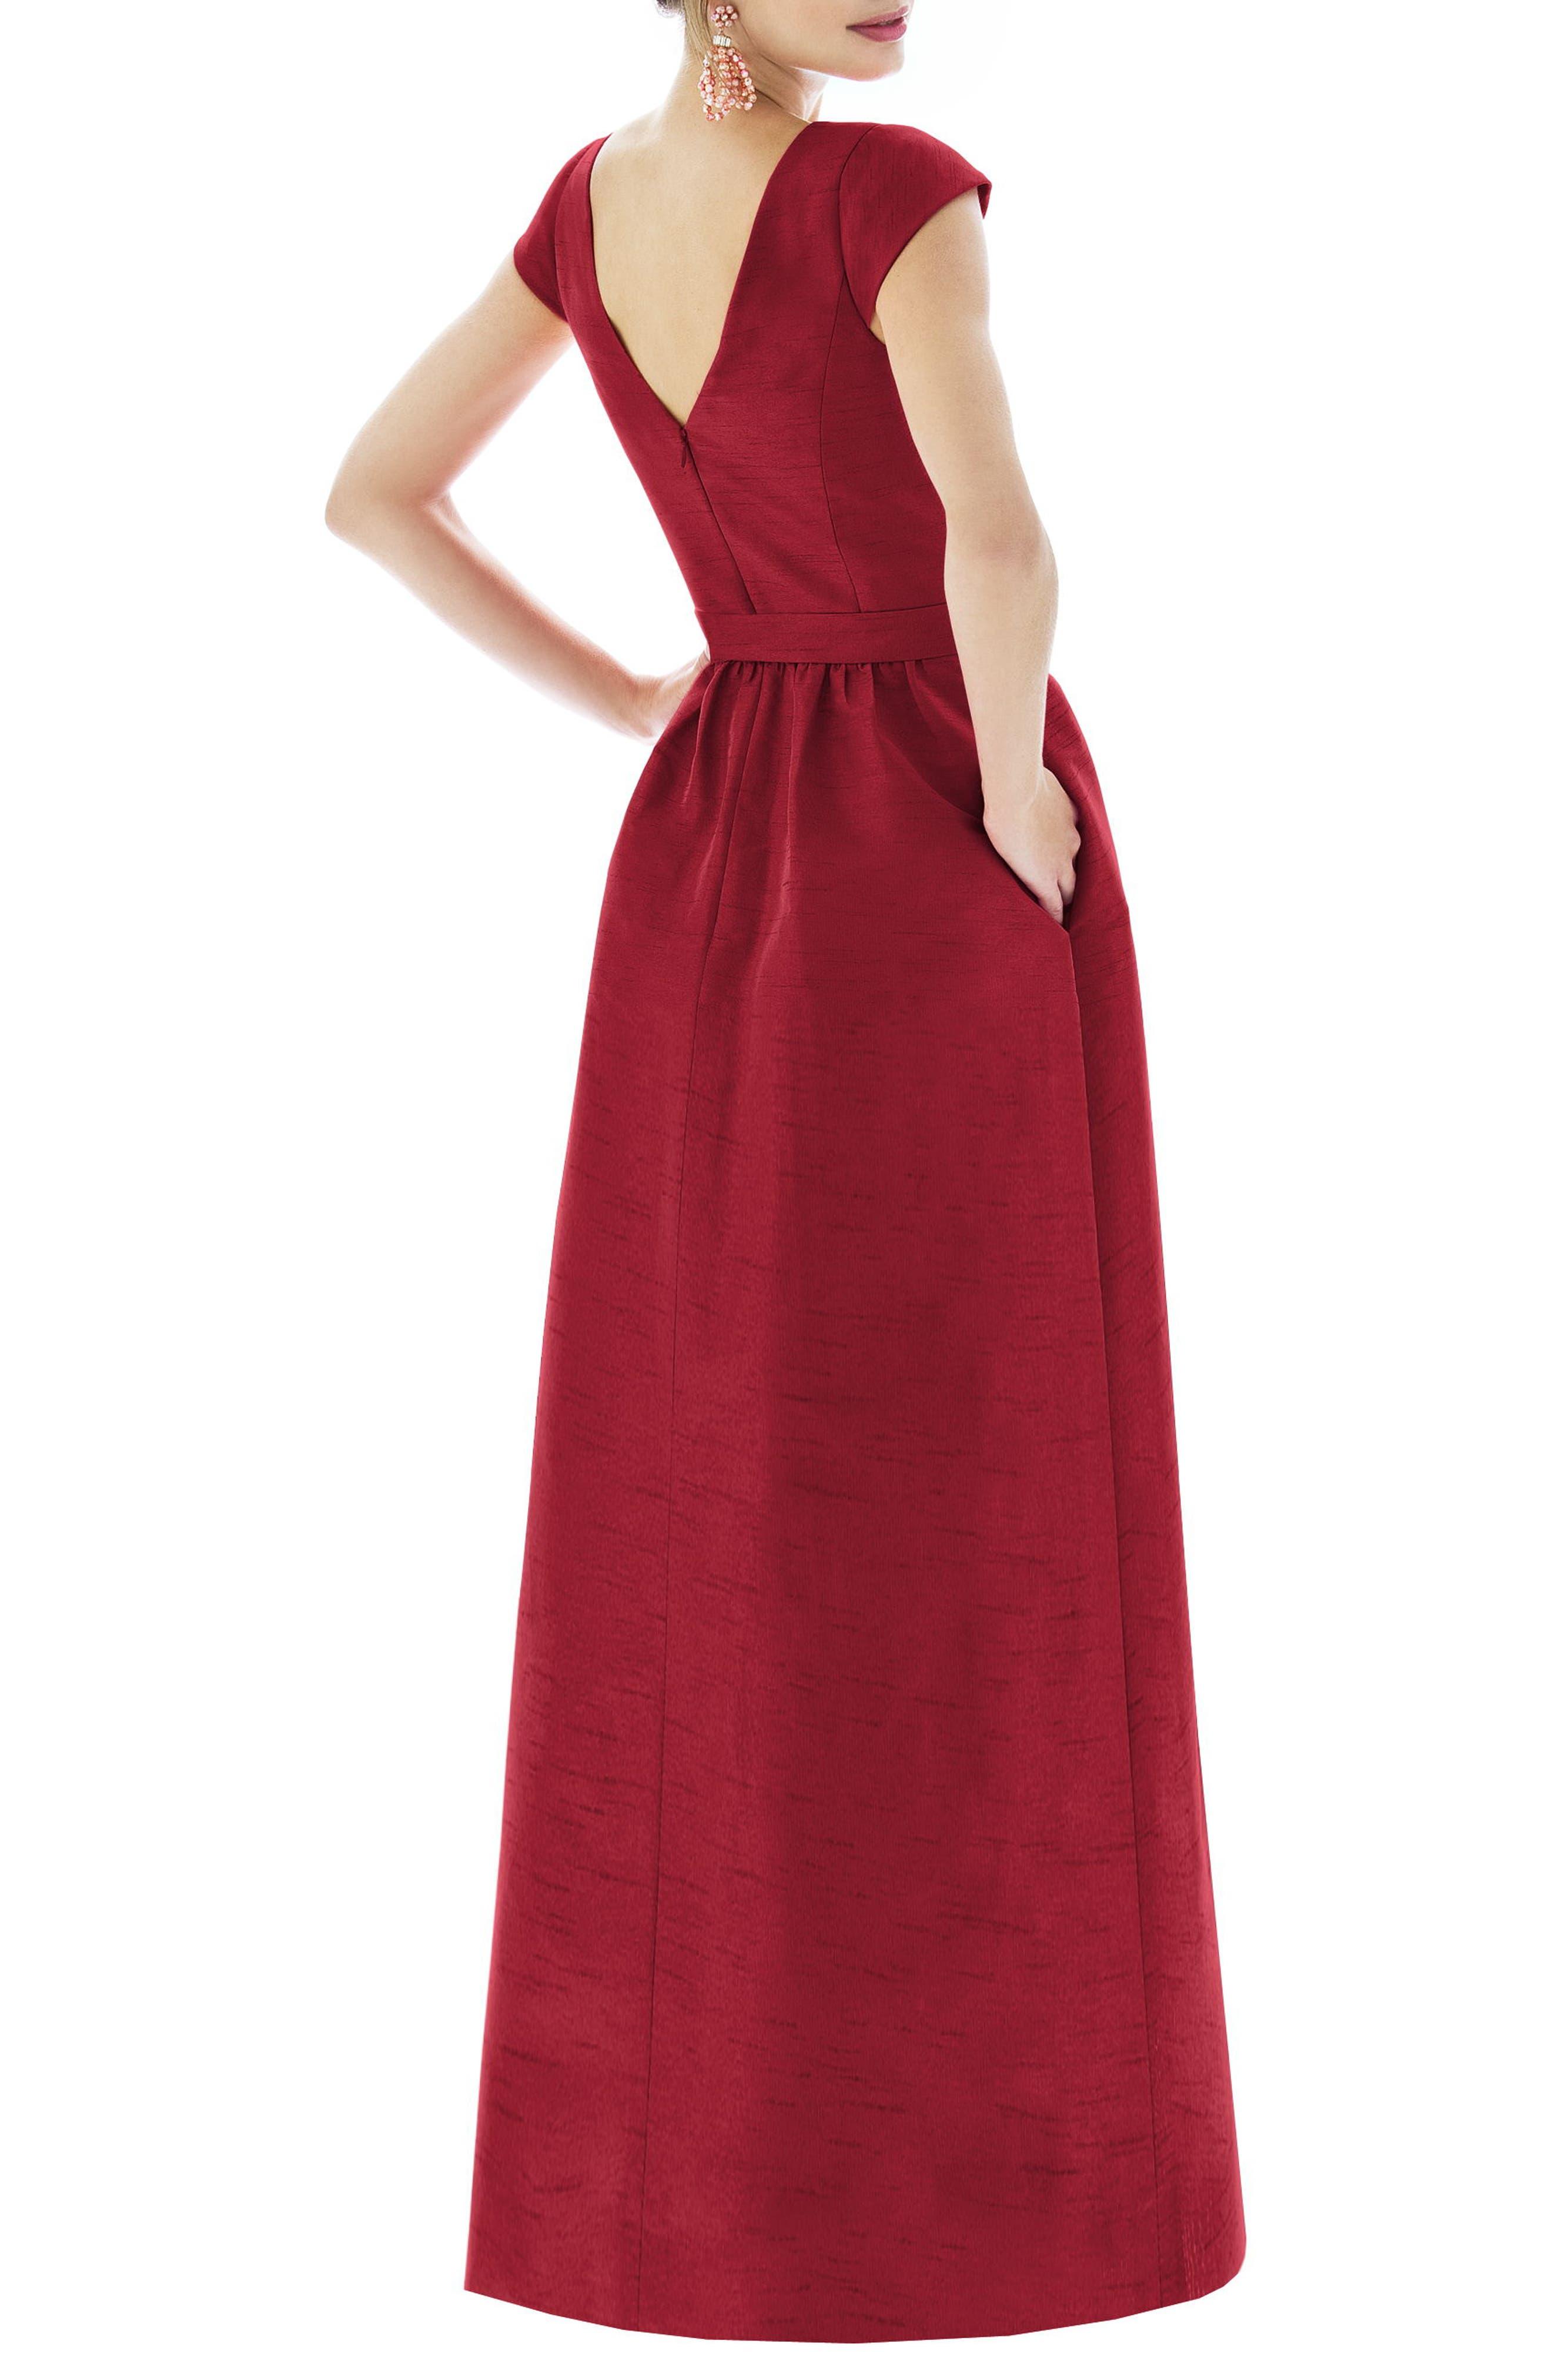 086182d3c7 Women s A-Line Dresses